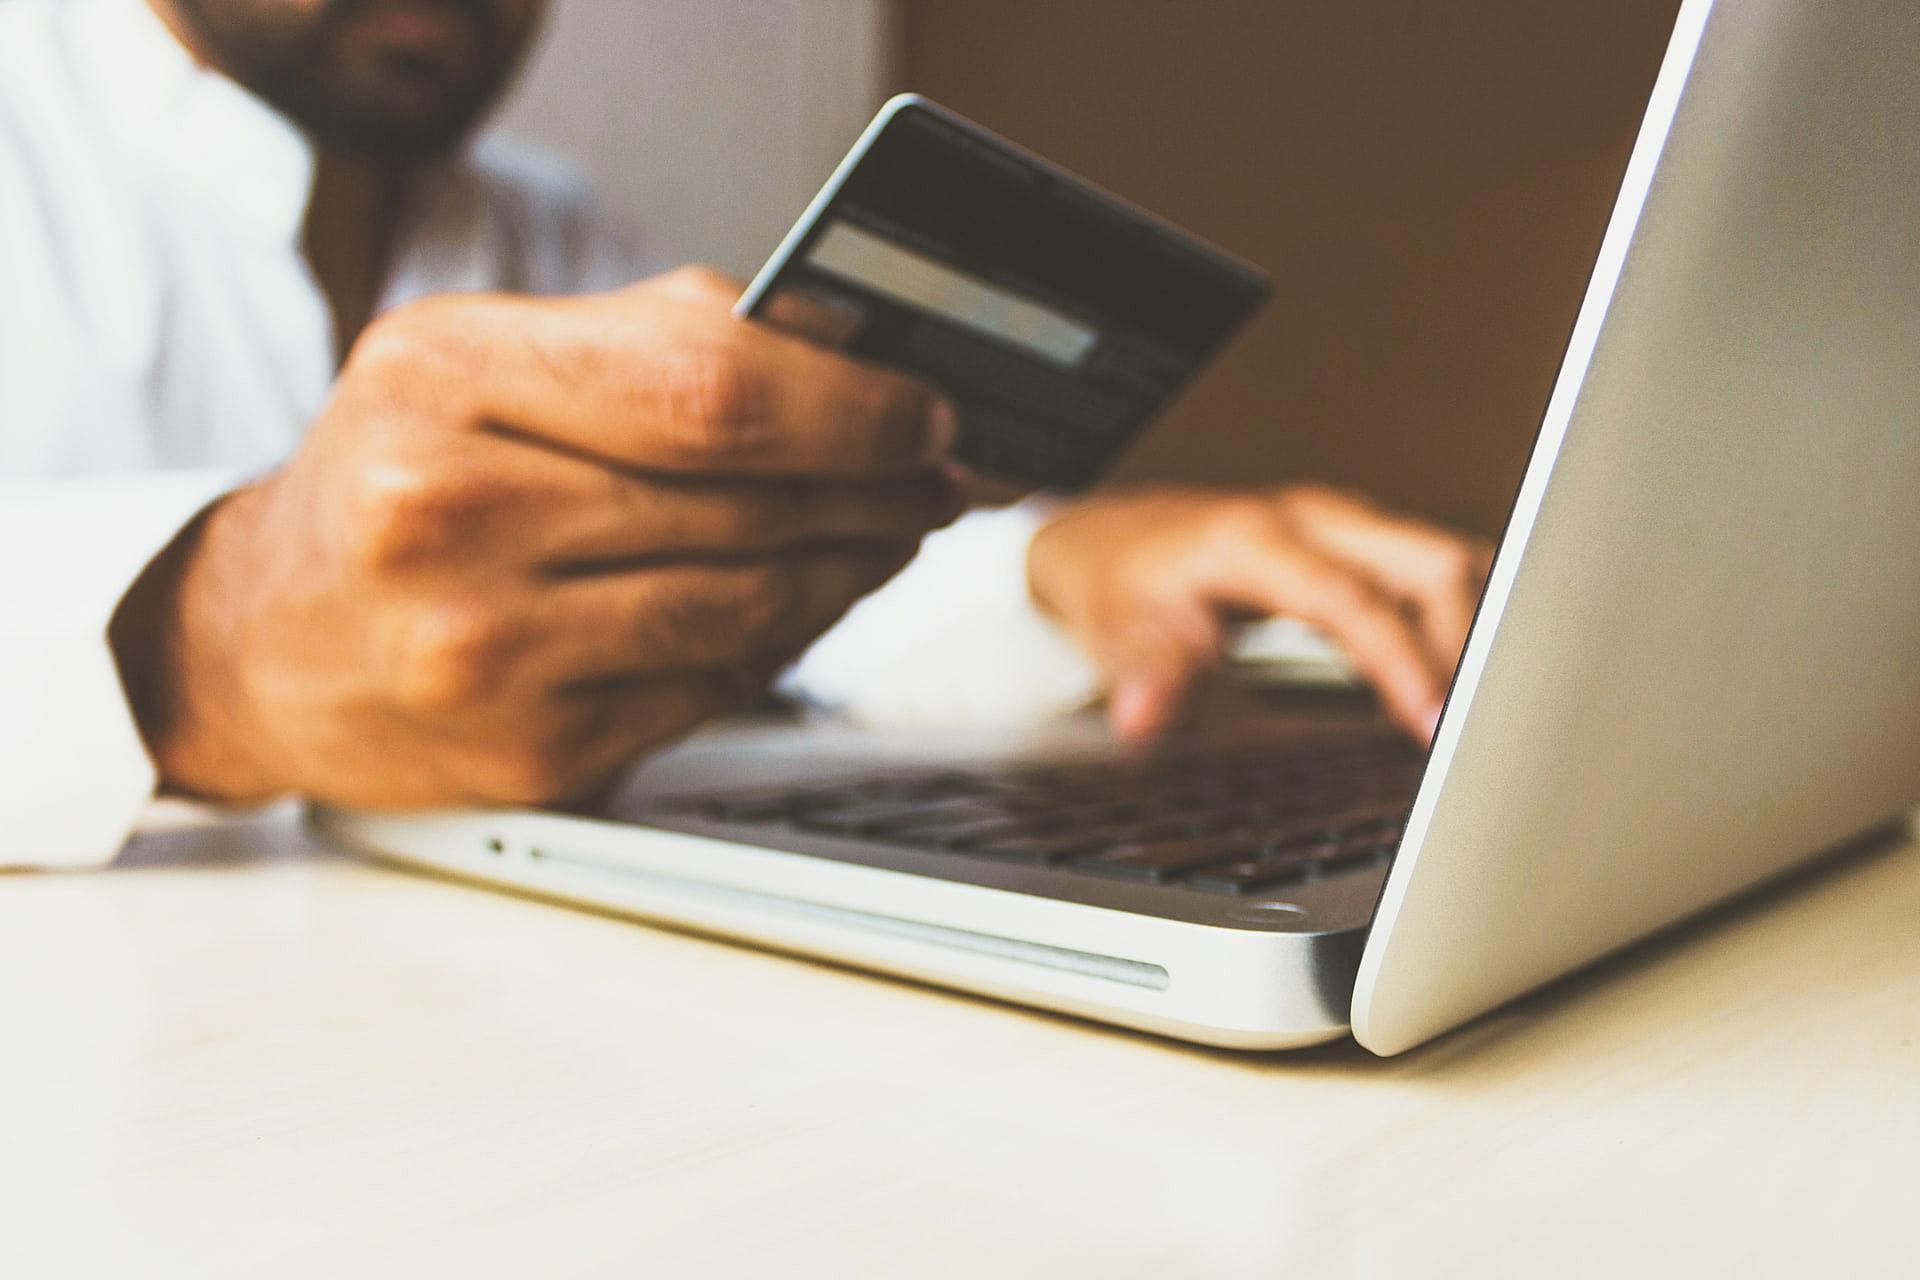 Como realizar a cobrança de clientes da melhor forma possível?